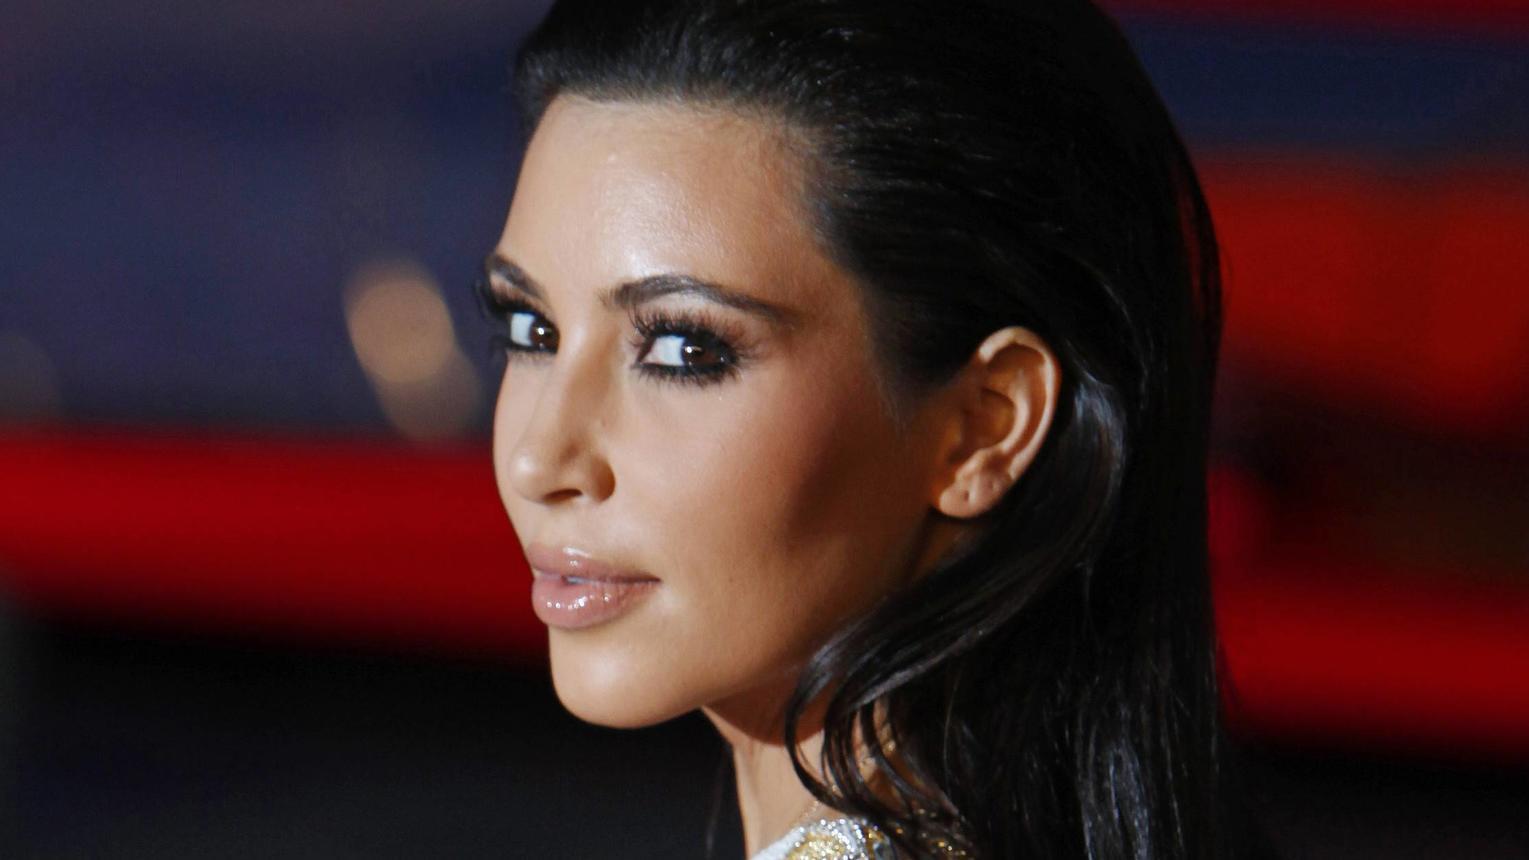 Braucht Kim Kardashian zwei Reality-Shows für ihre Milliarden-Scheidung? - VIP.de, Star News